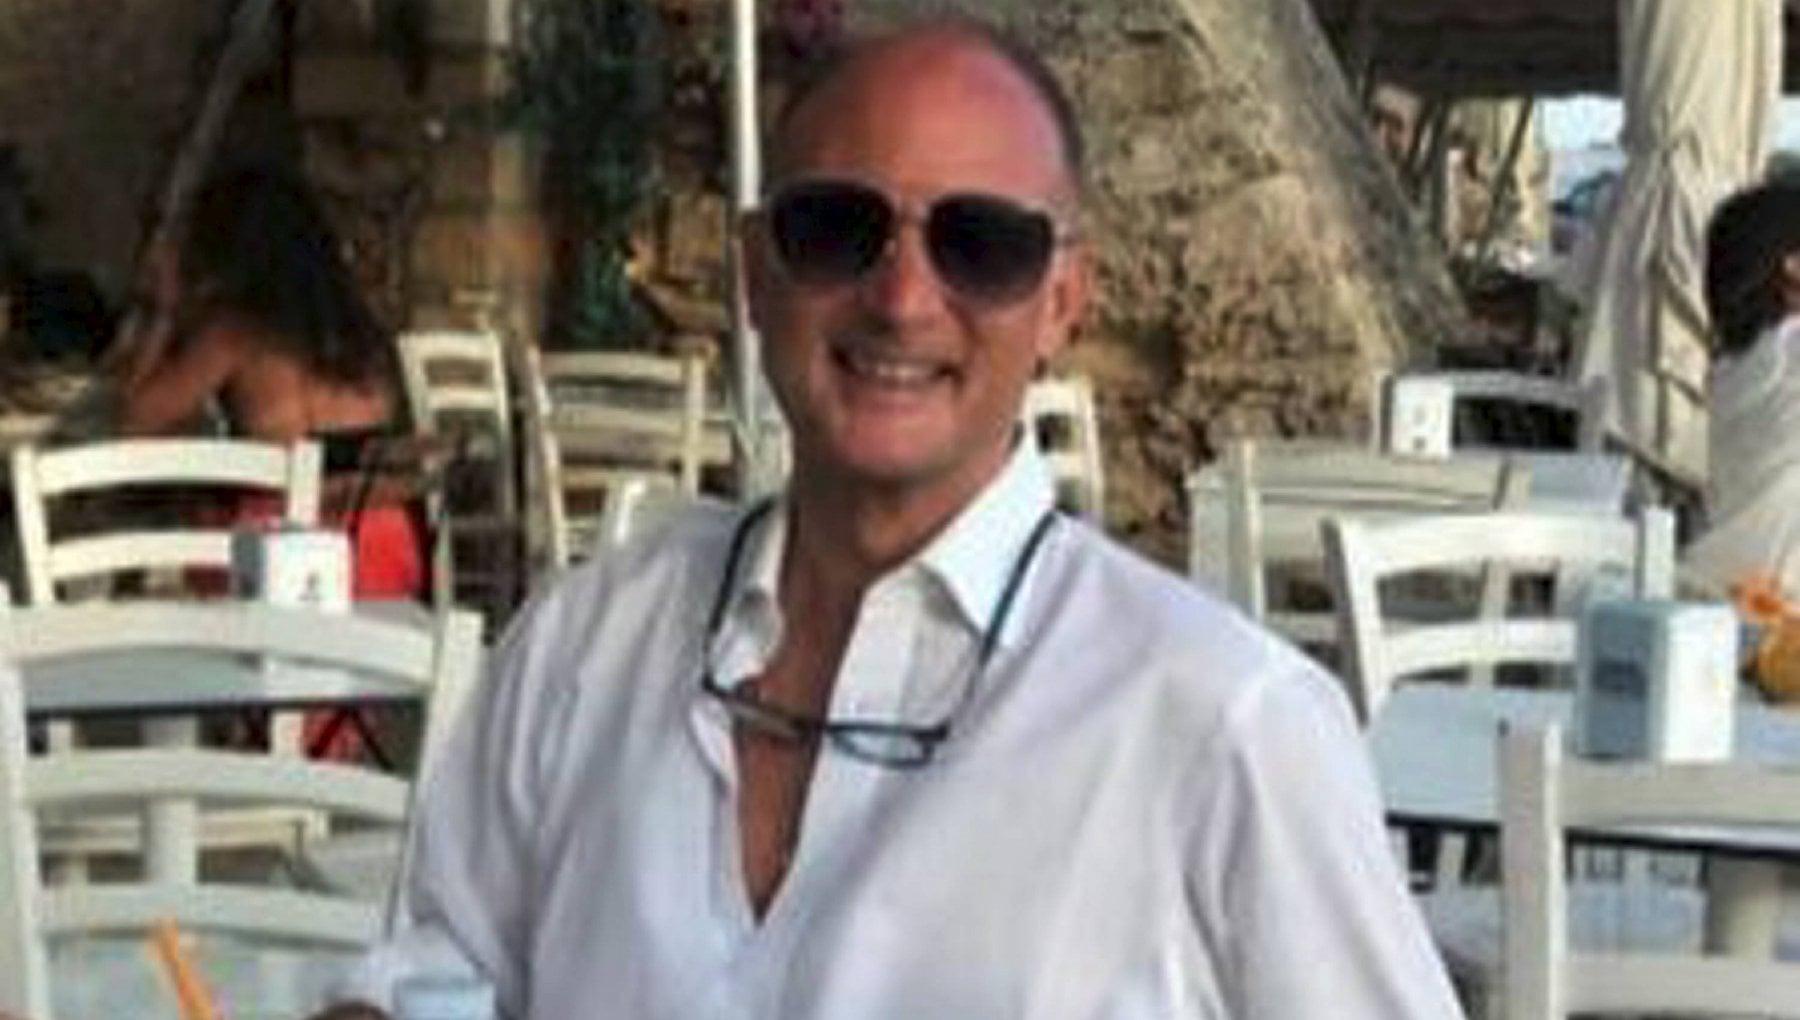 212234342 e5ae13ba 583d 47e5 a3bb c1363b566d27 - I mille volti di Antonio Di Fazio, arrestato per violenza sessuale: Yacht e supercar, ma il suo vezzo era spacciarsi per agente segreto